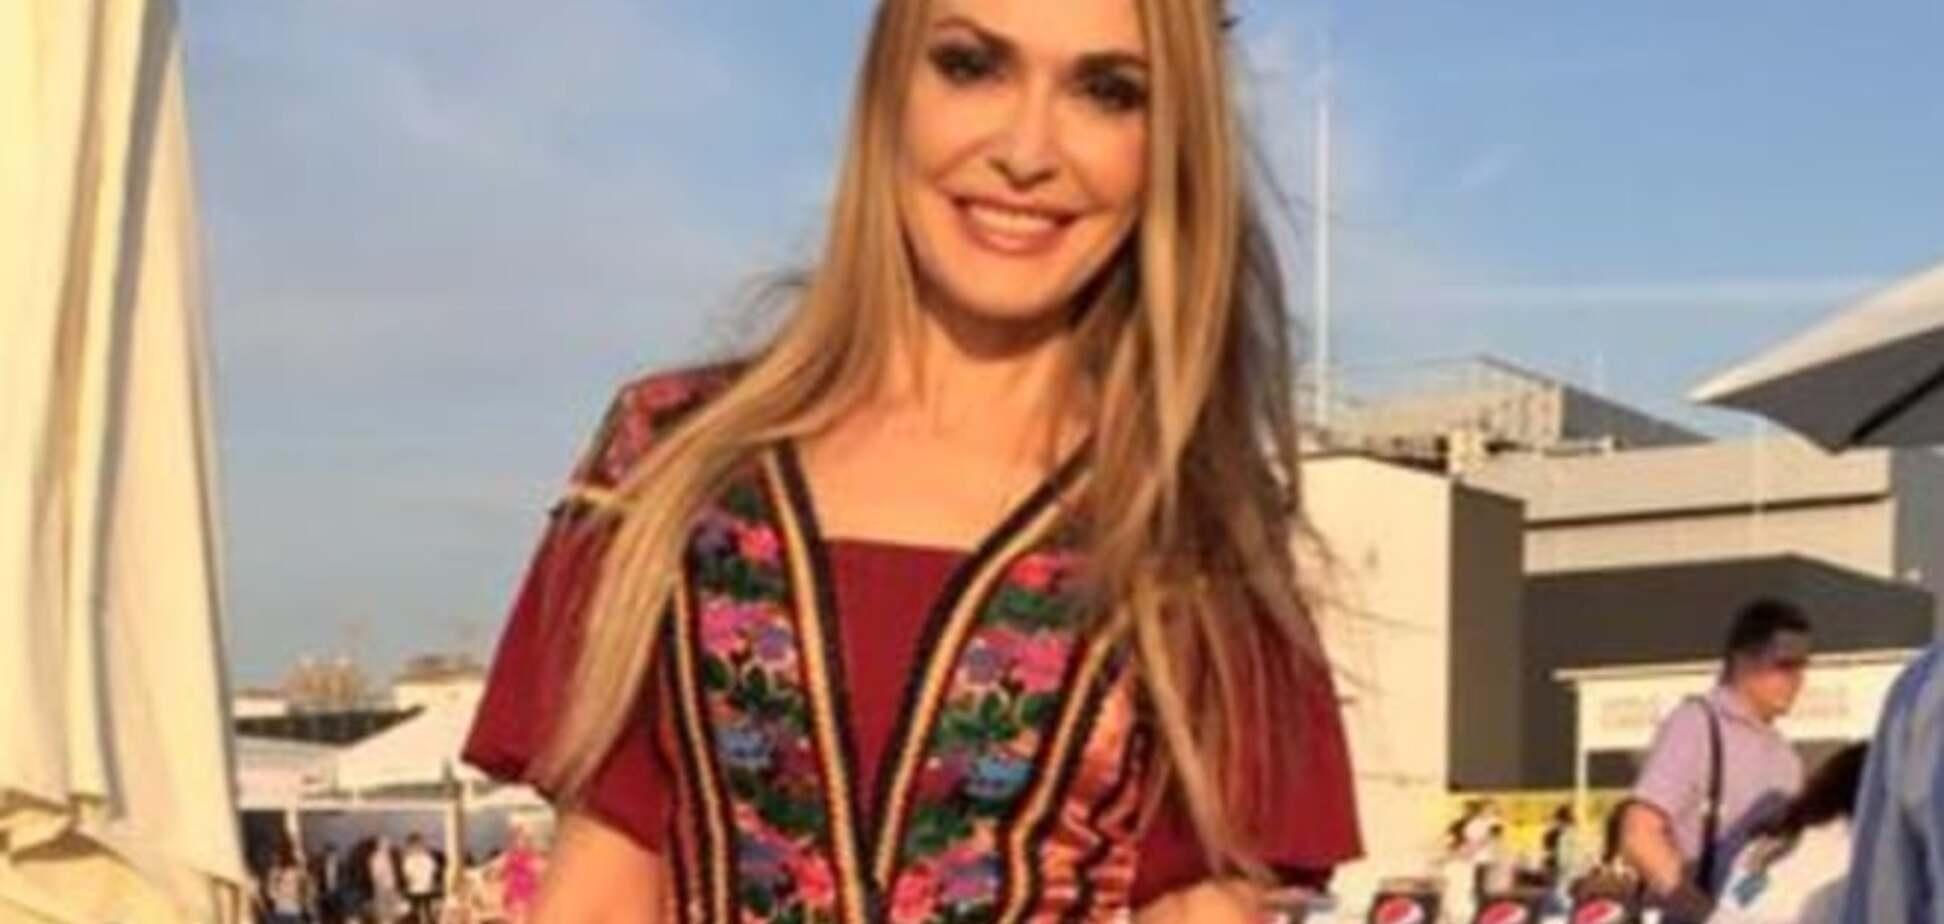 Сумская рассказала, как Данилко дразнил ее во время съемок мюзикла